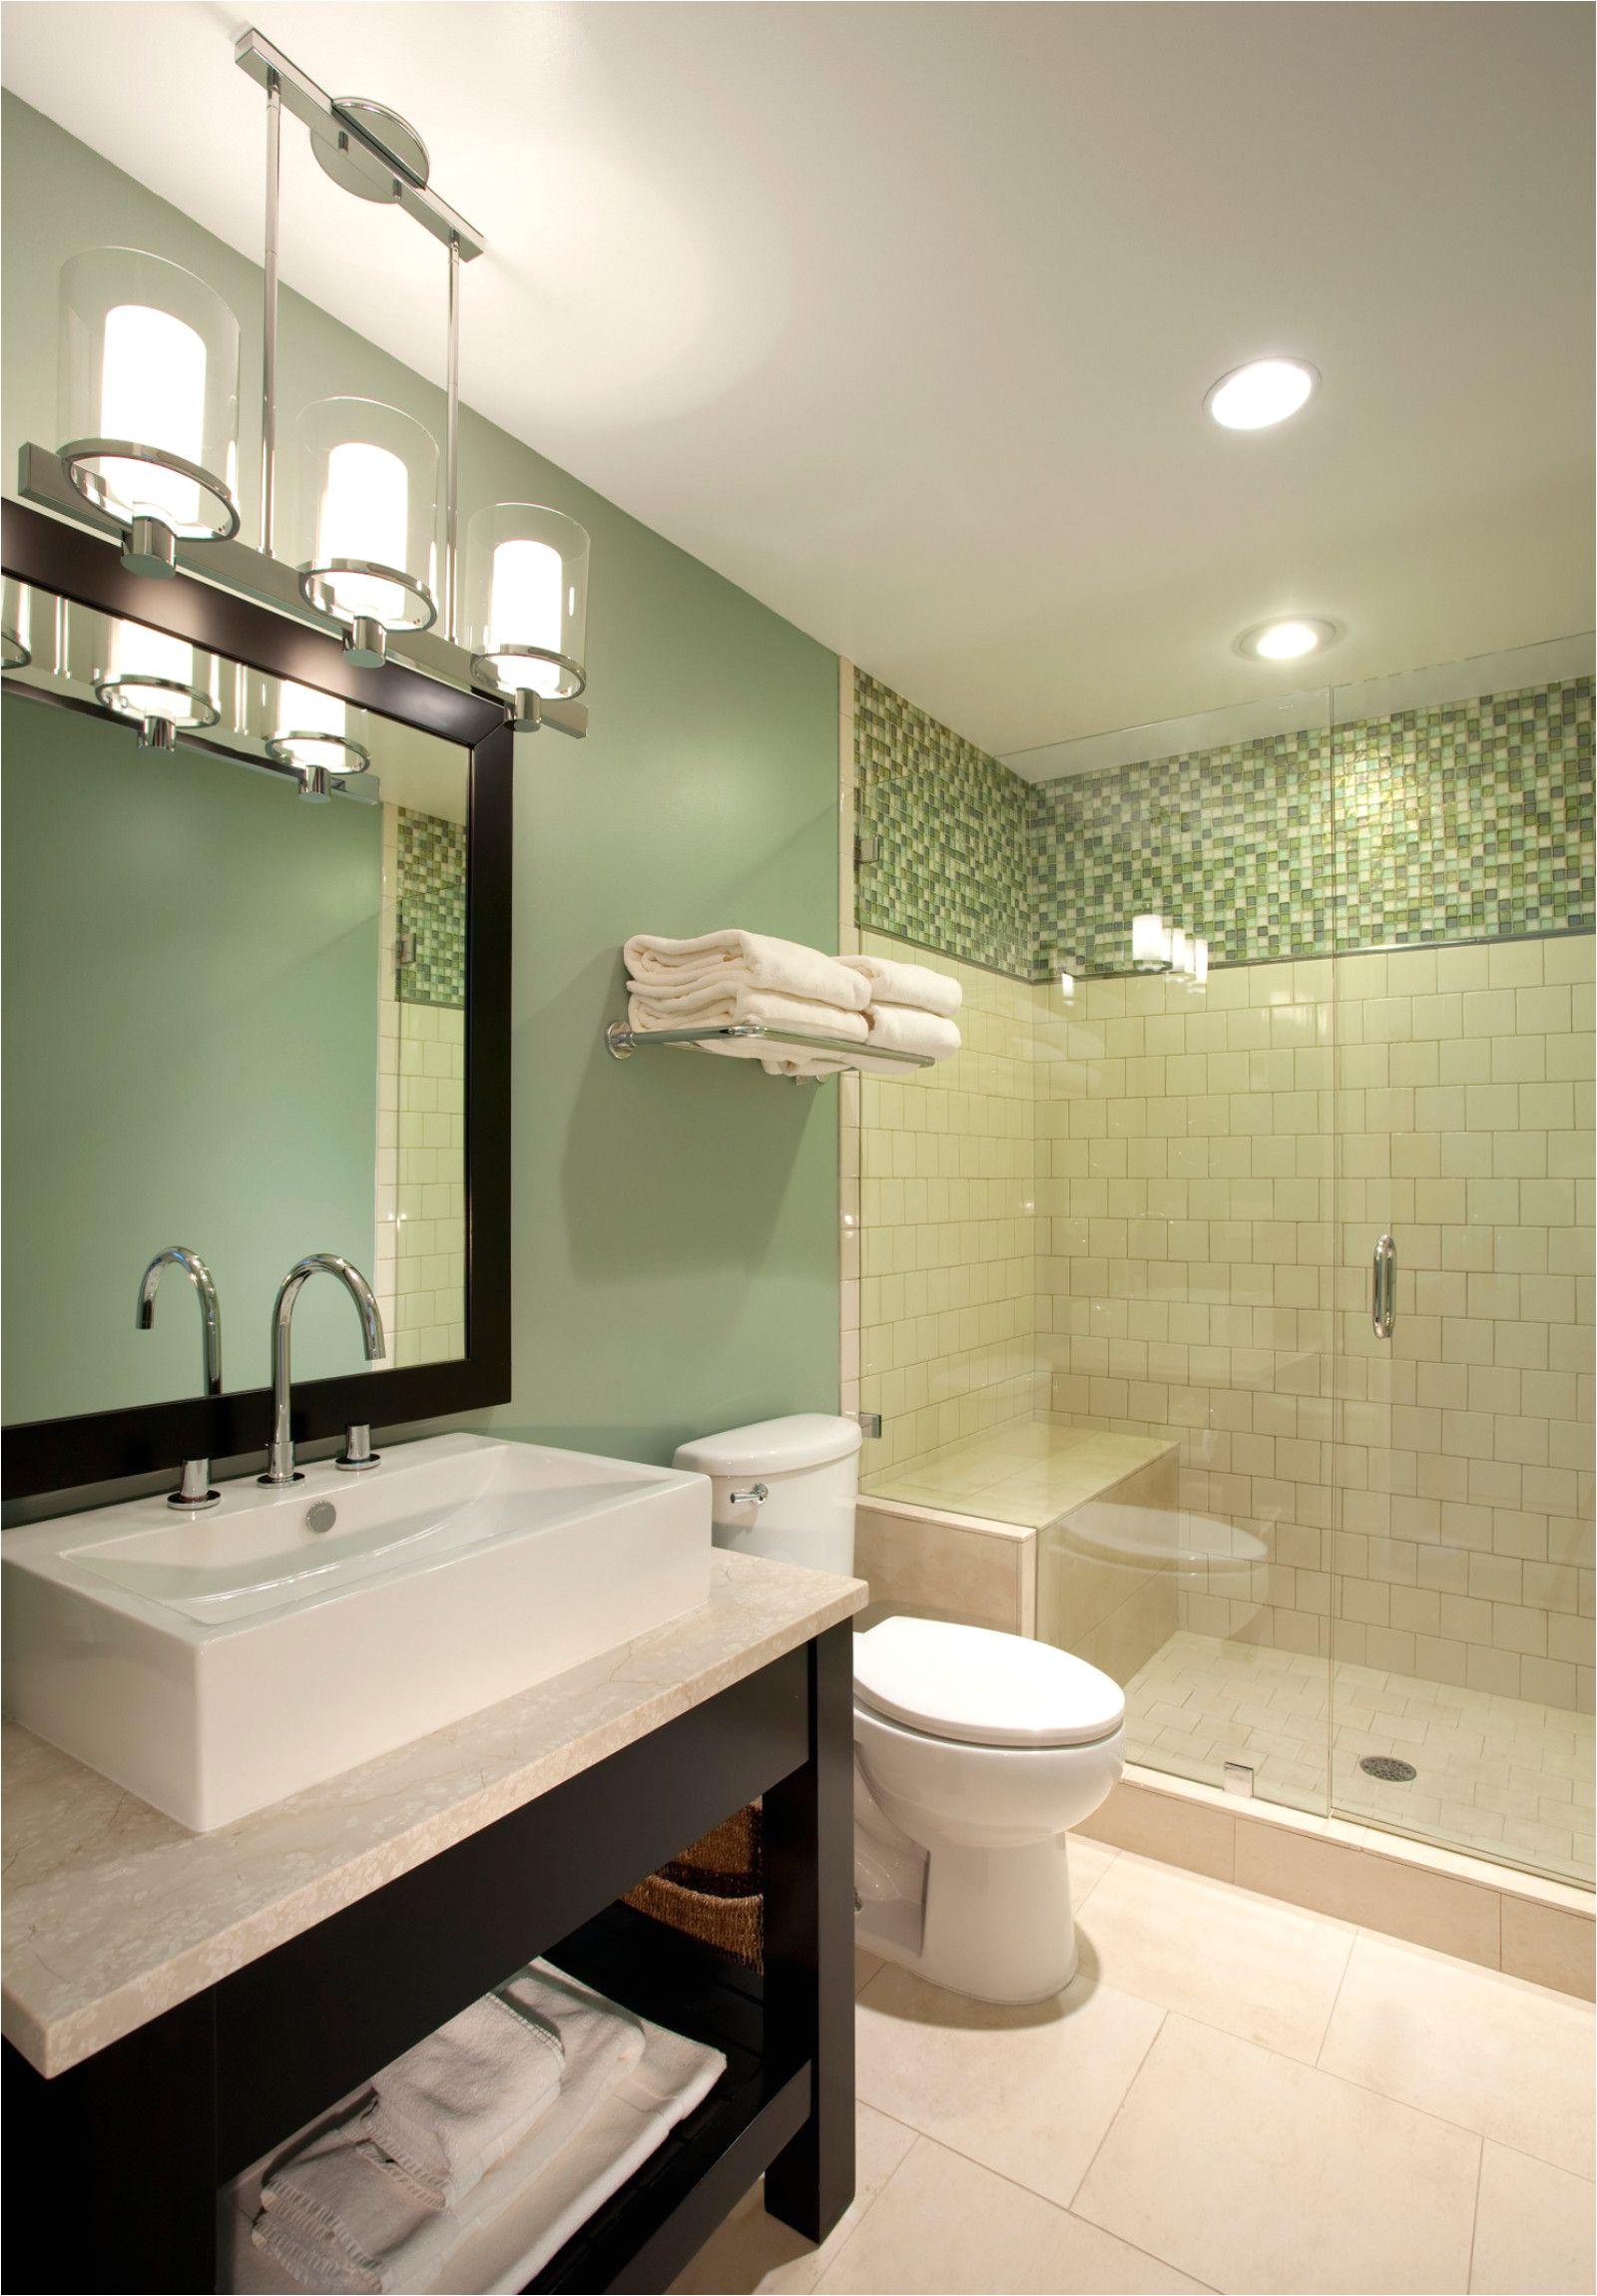 disea os de baa os modernos inspirador imagenes la flamante decoracion baa os modernos planificacia n hacia sala